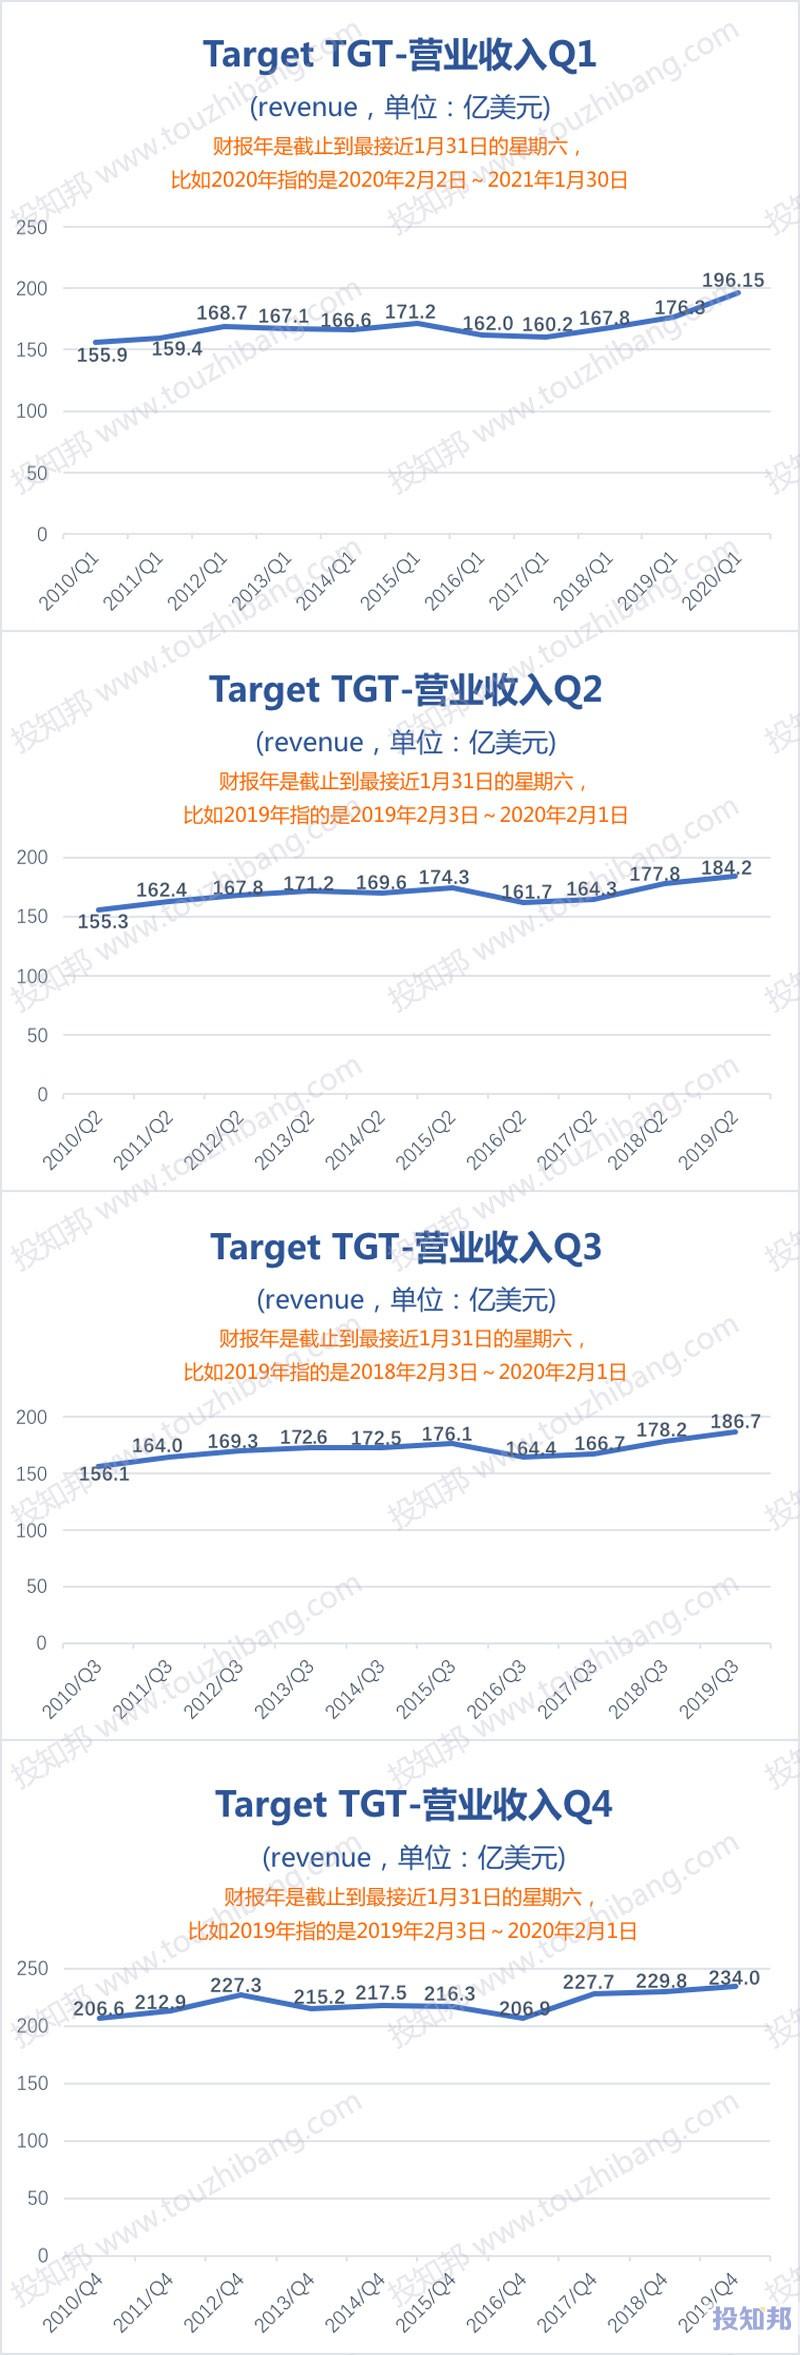 Target塔吉特(TGT)财报数据图示(2010年~2020财报年Q1,更新)